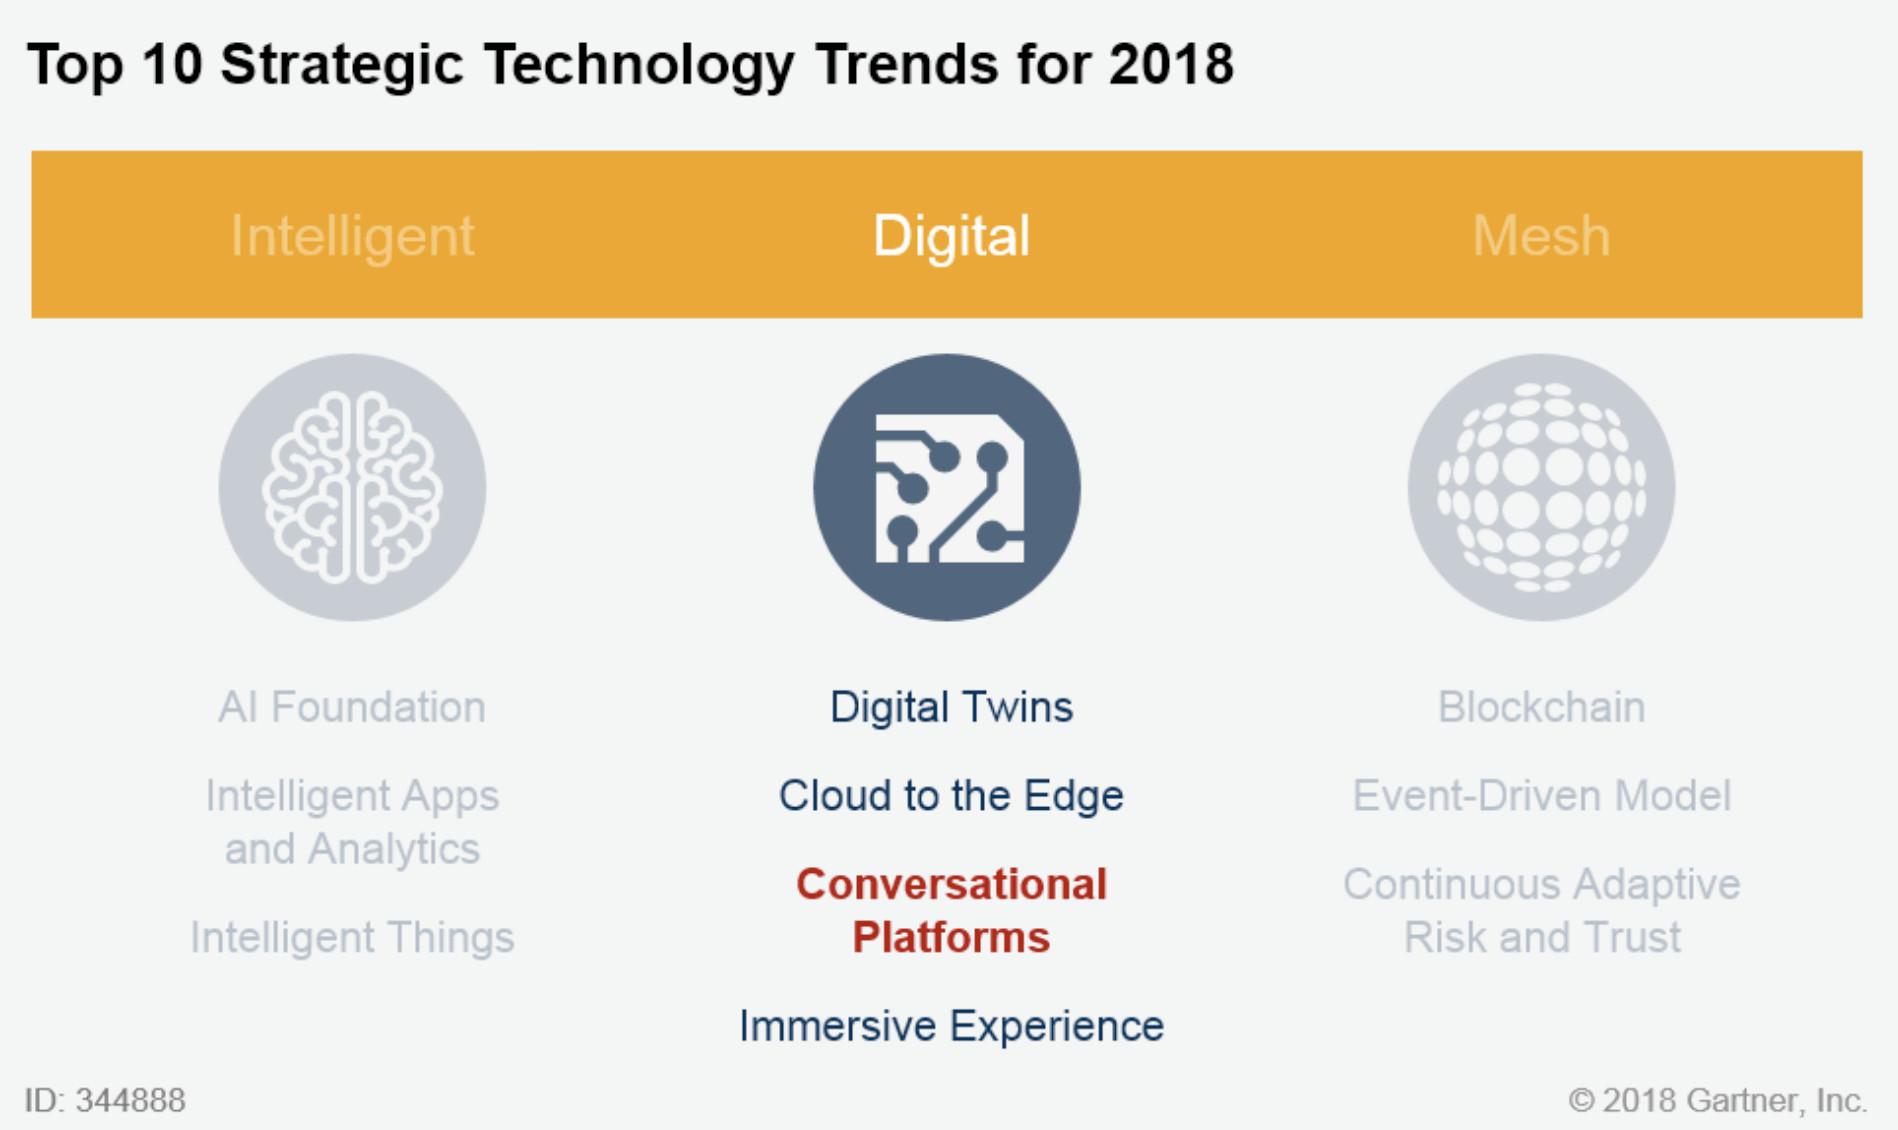 对话平台被Gartner评为十大战略技术趋势